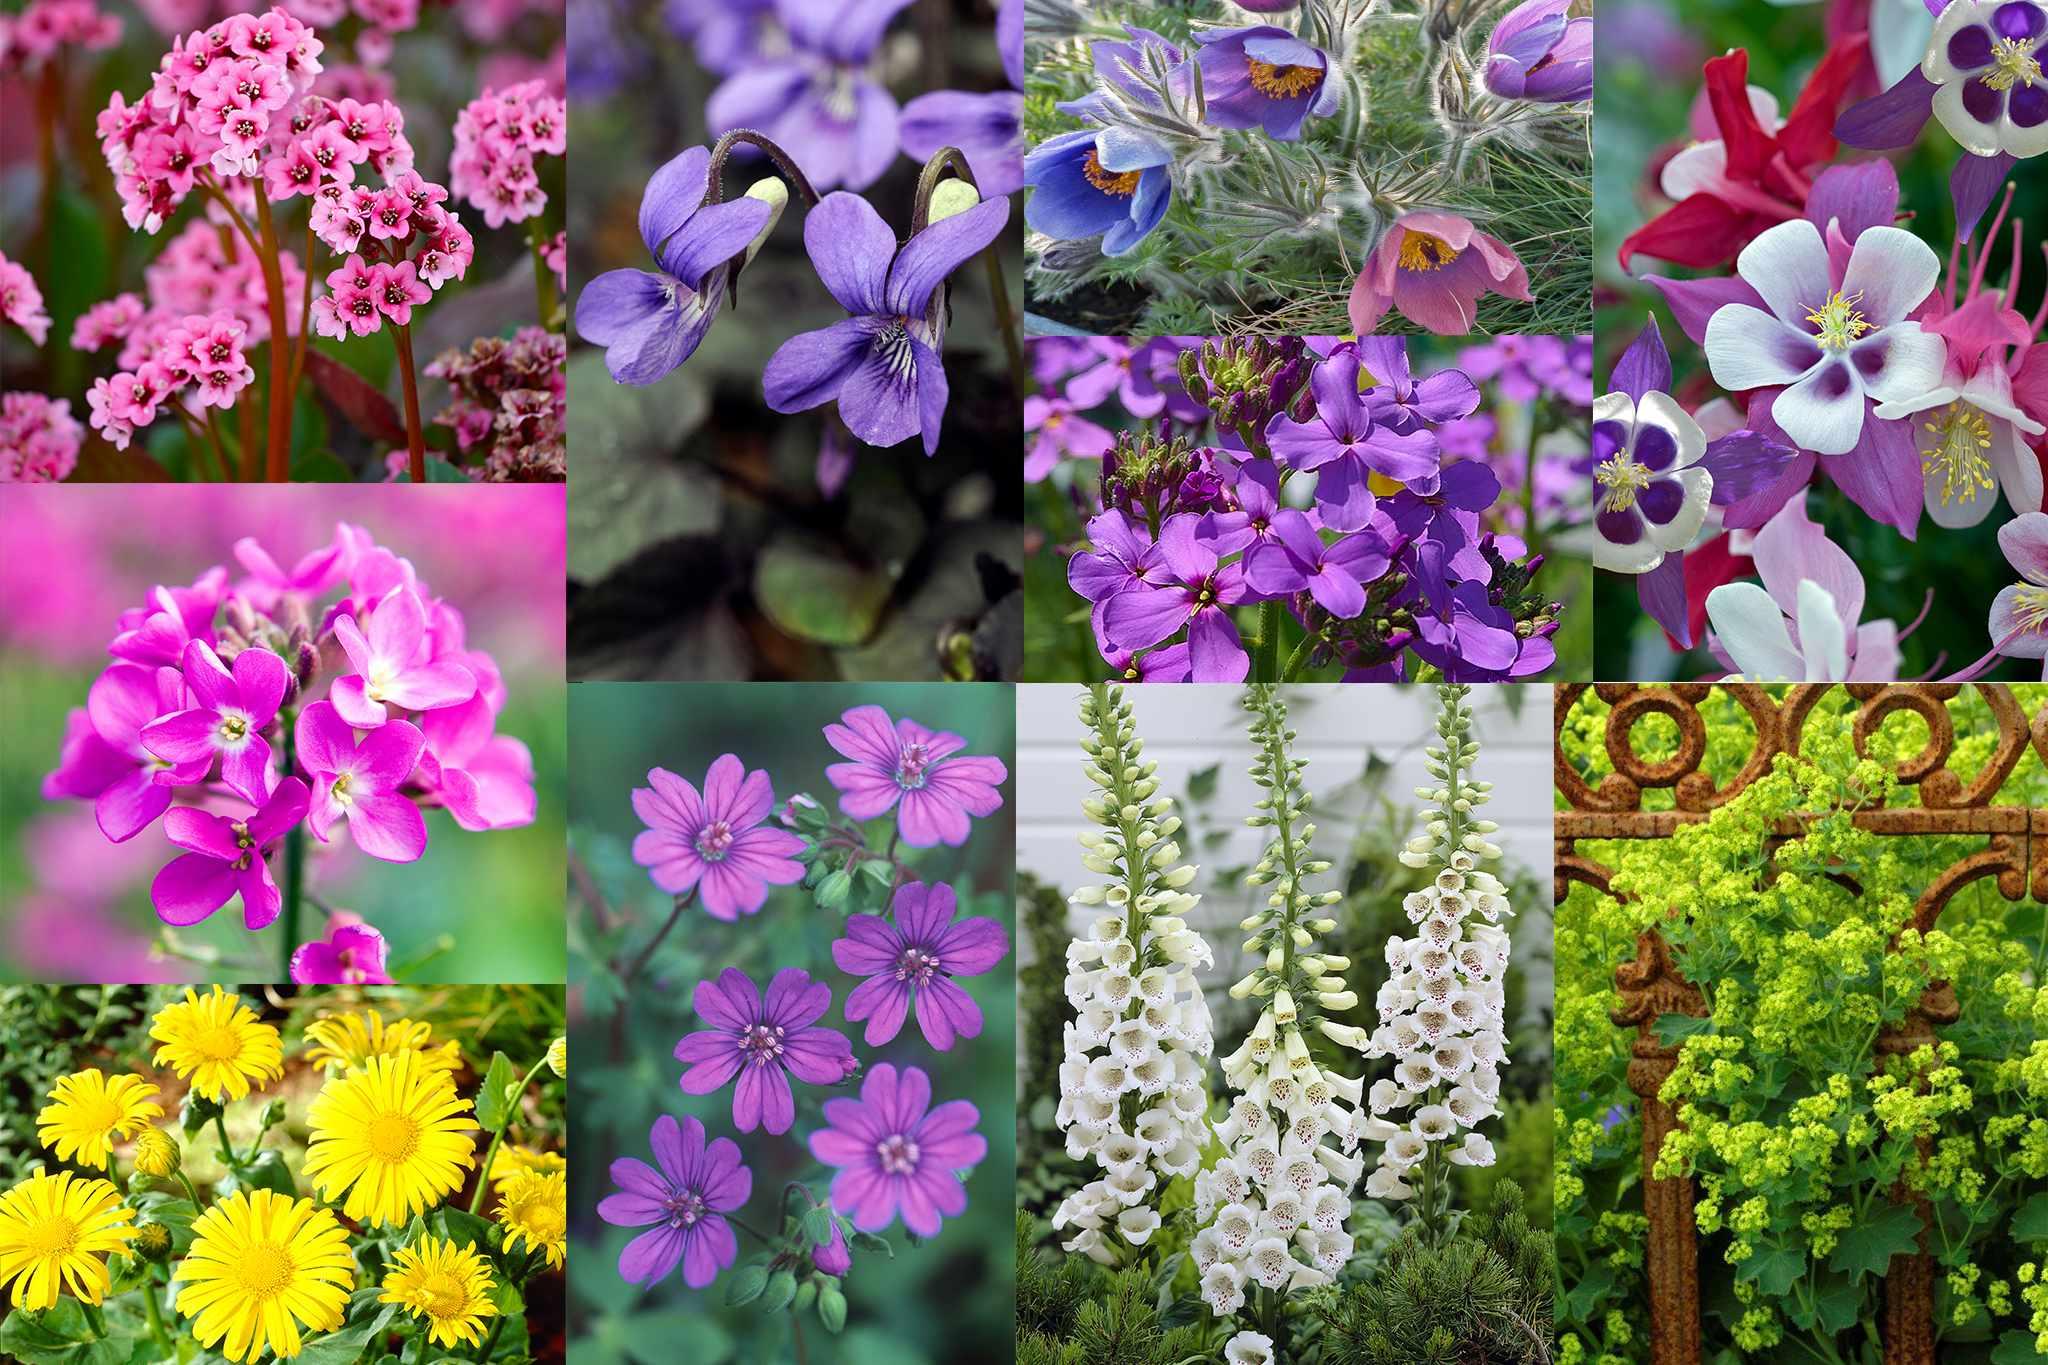 hayloft-spring-perennials-2048-1365